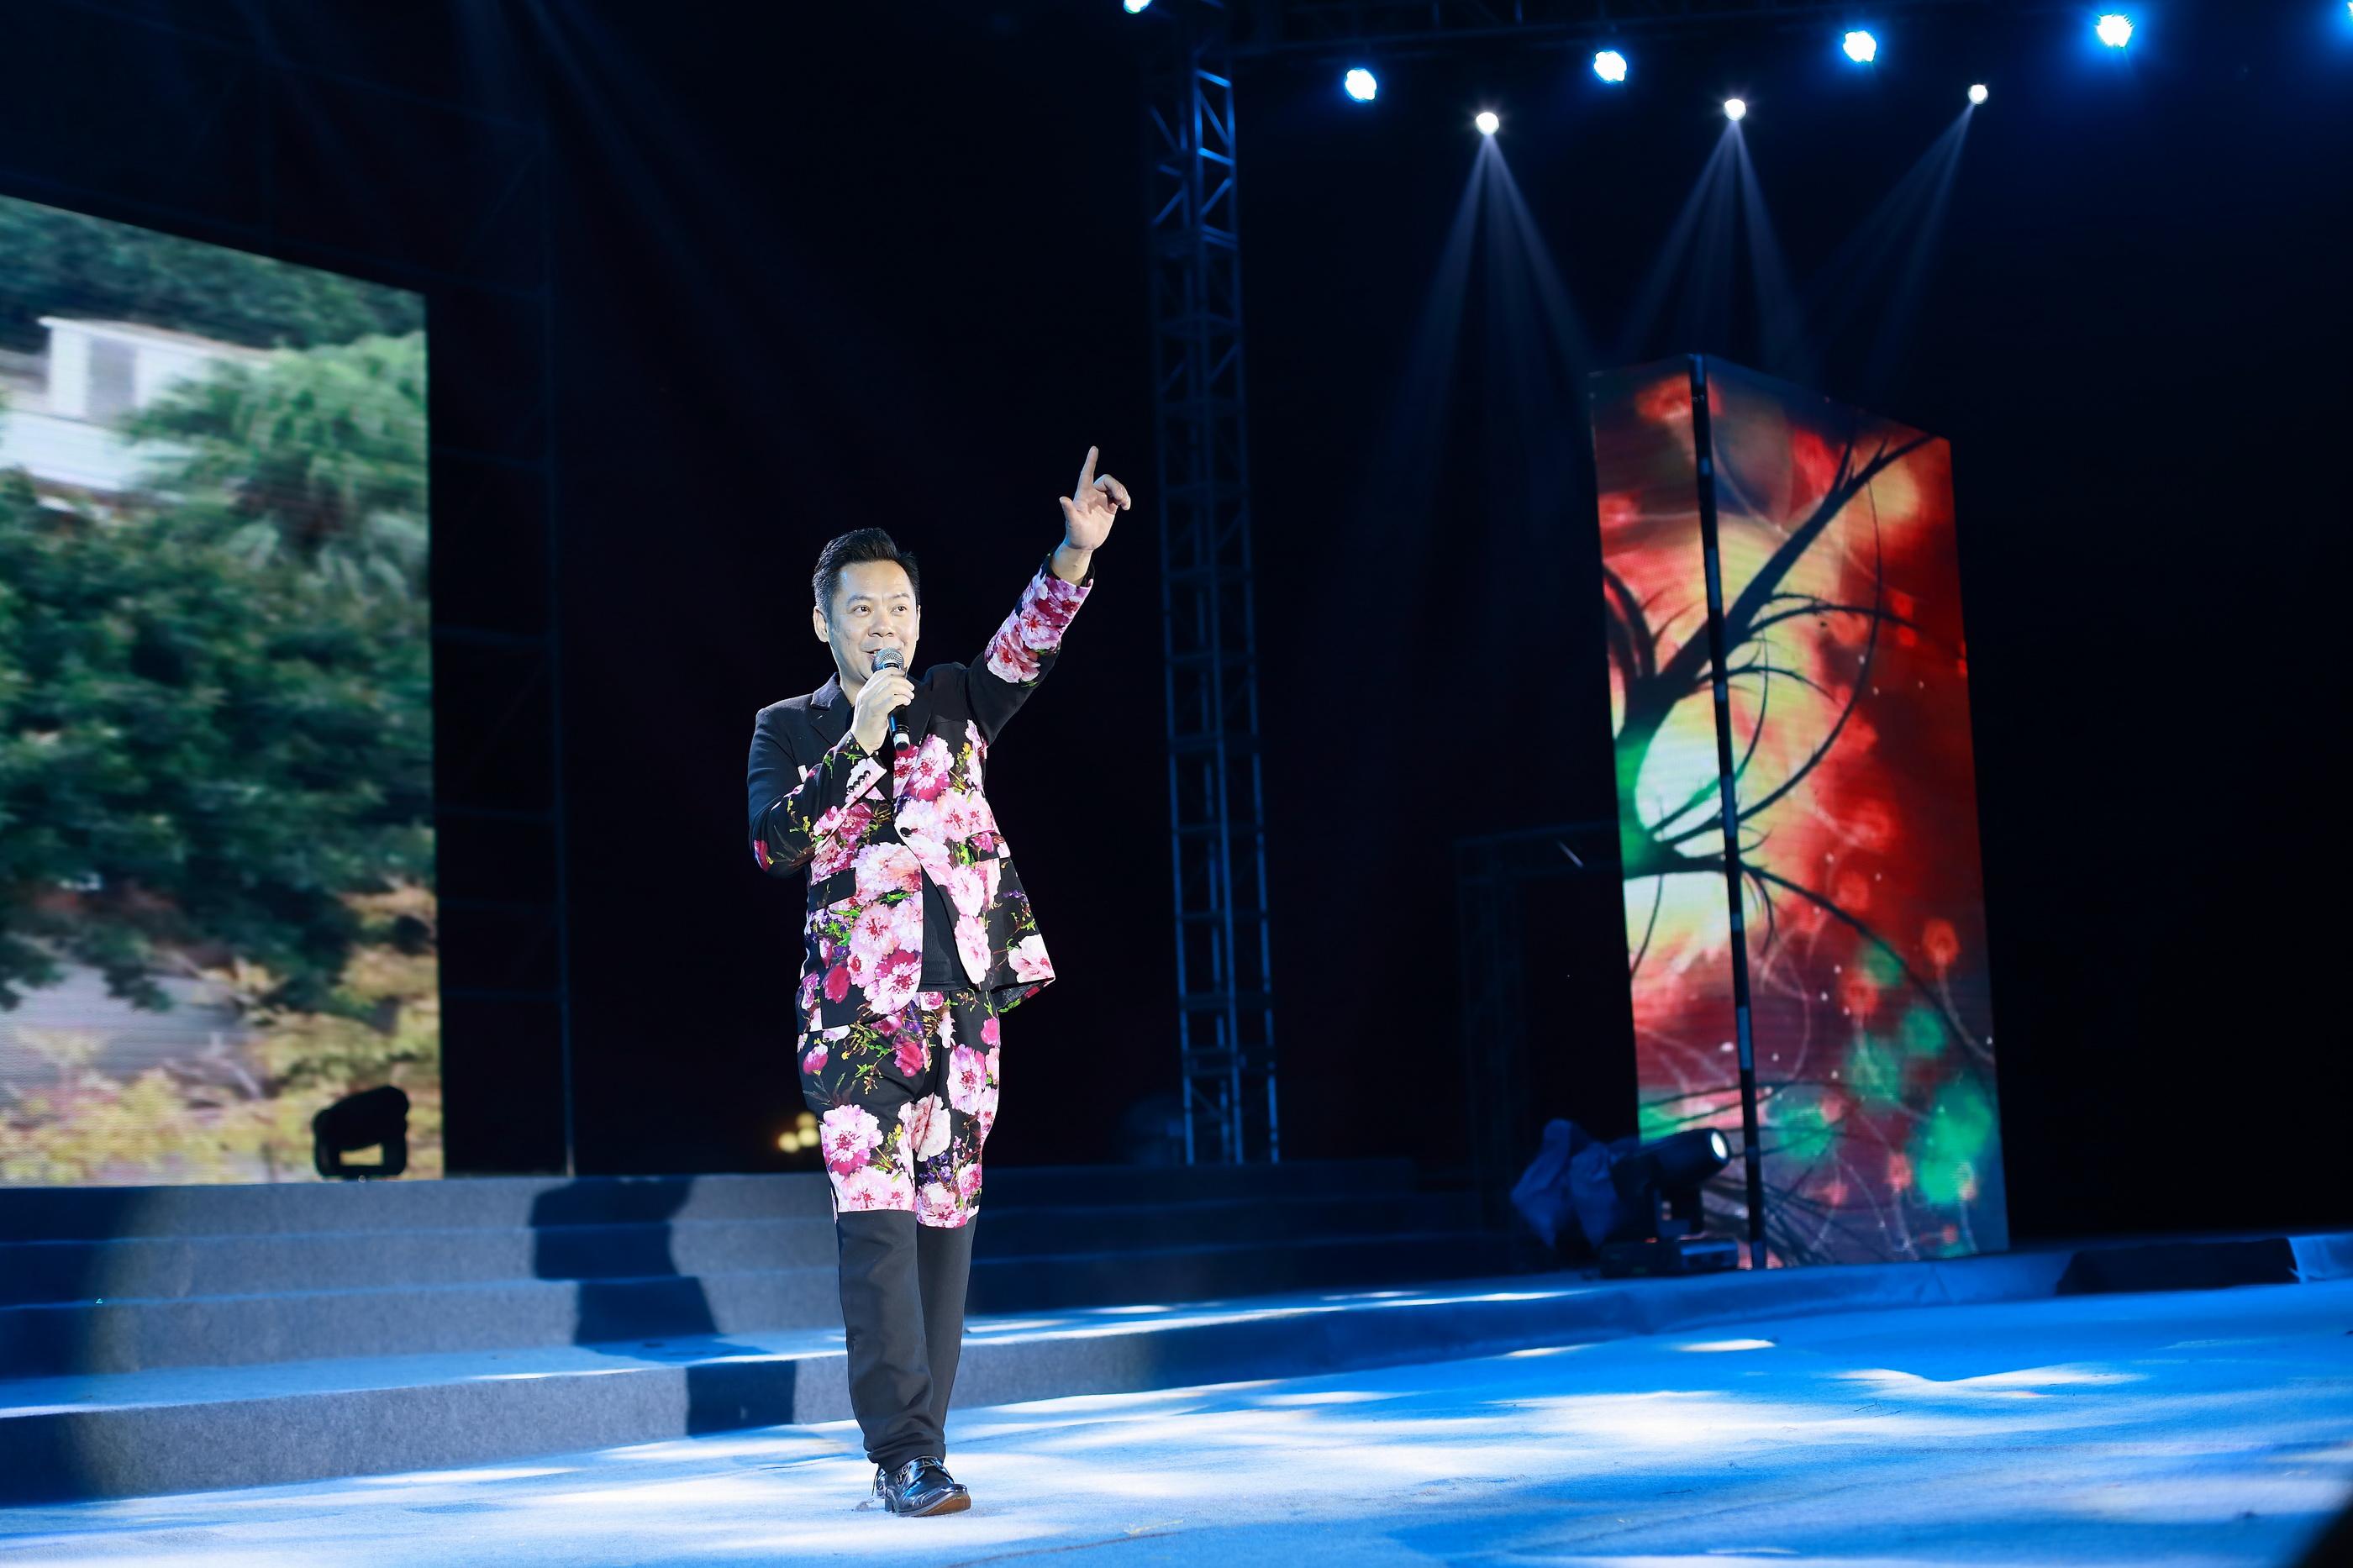 著名歌手李永权演唱:《岁月如歌》、《情侣路》.JPG